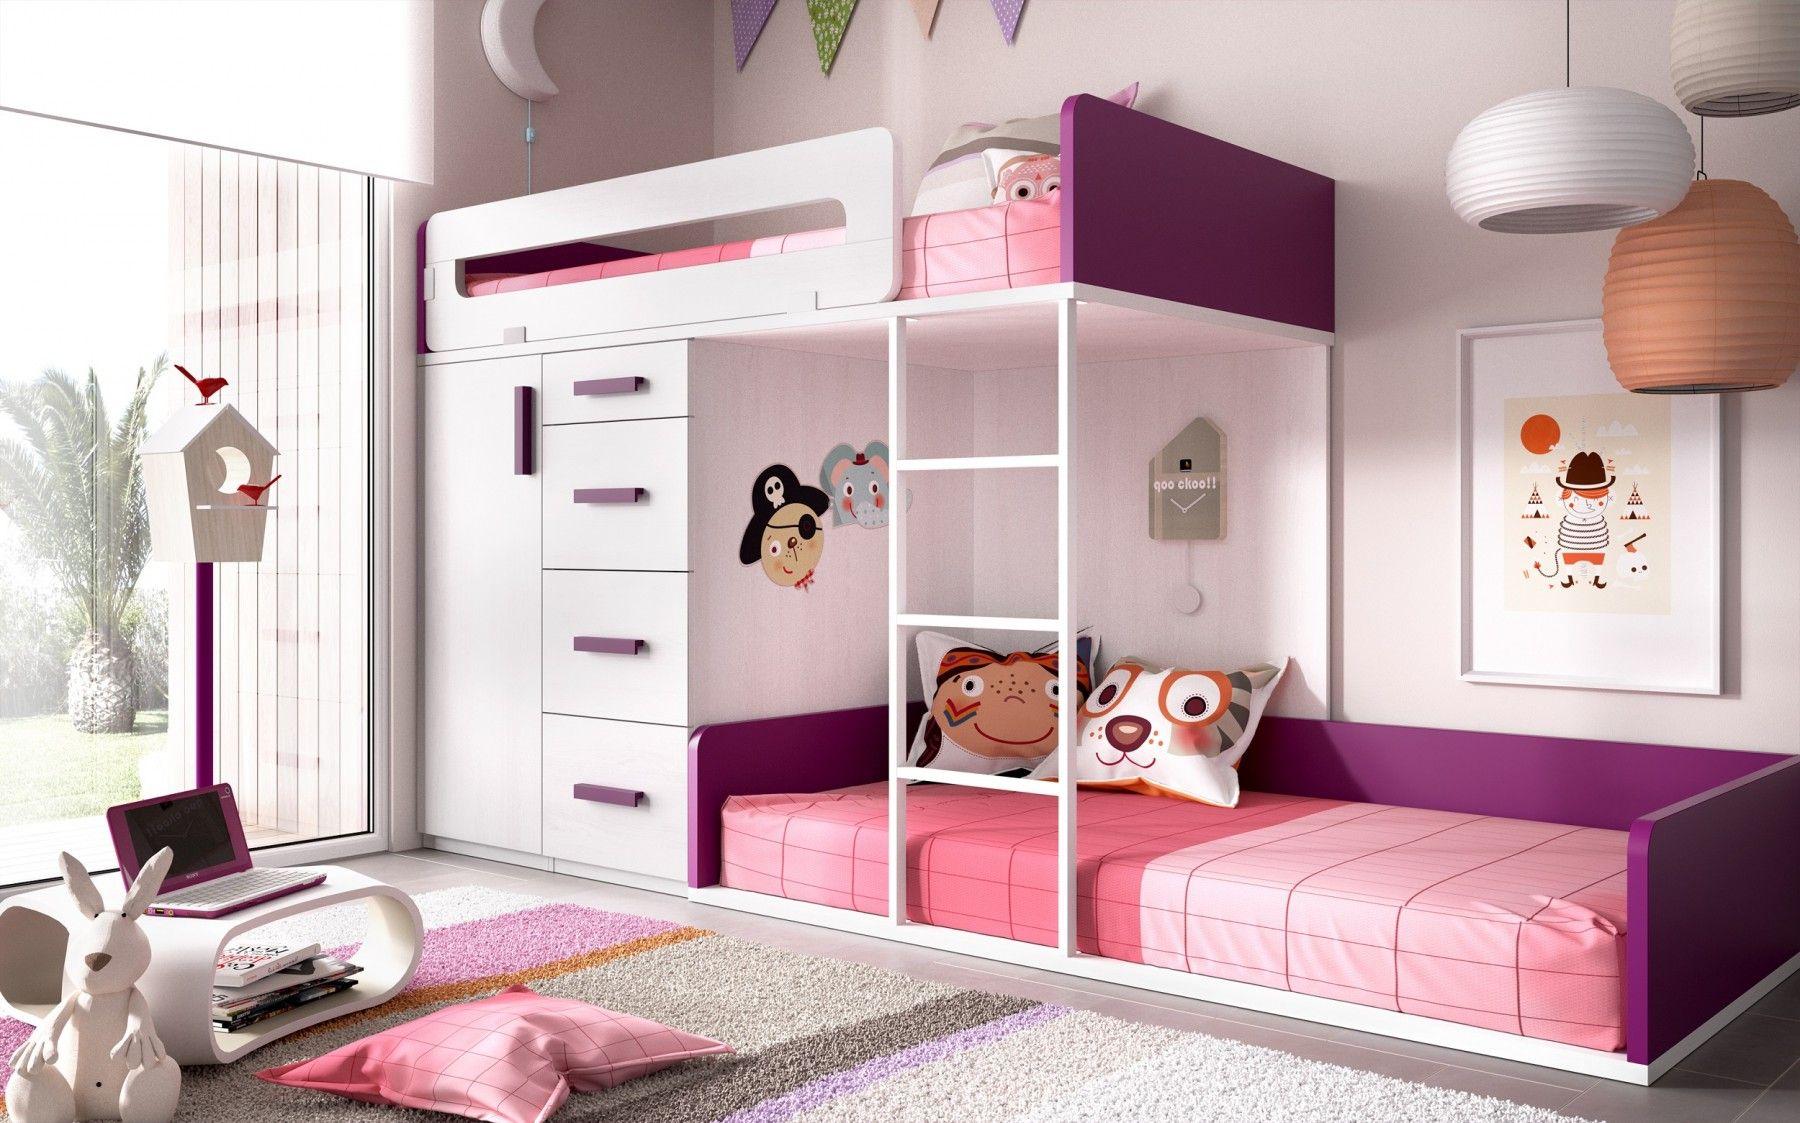 Einzigartig Kinder Jugendzimmer Referenz Von Hochbett Kinderzimmer Jump 319 - Kinder- Und